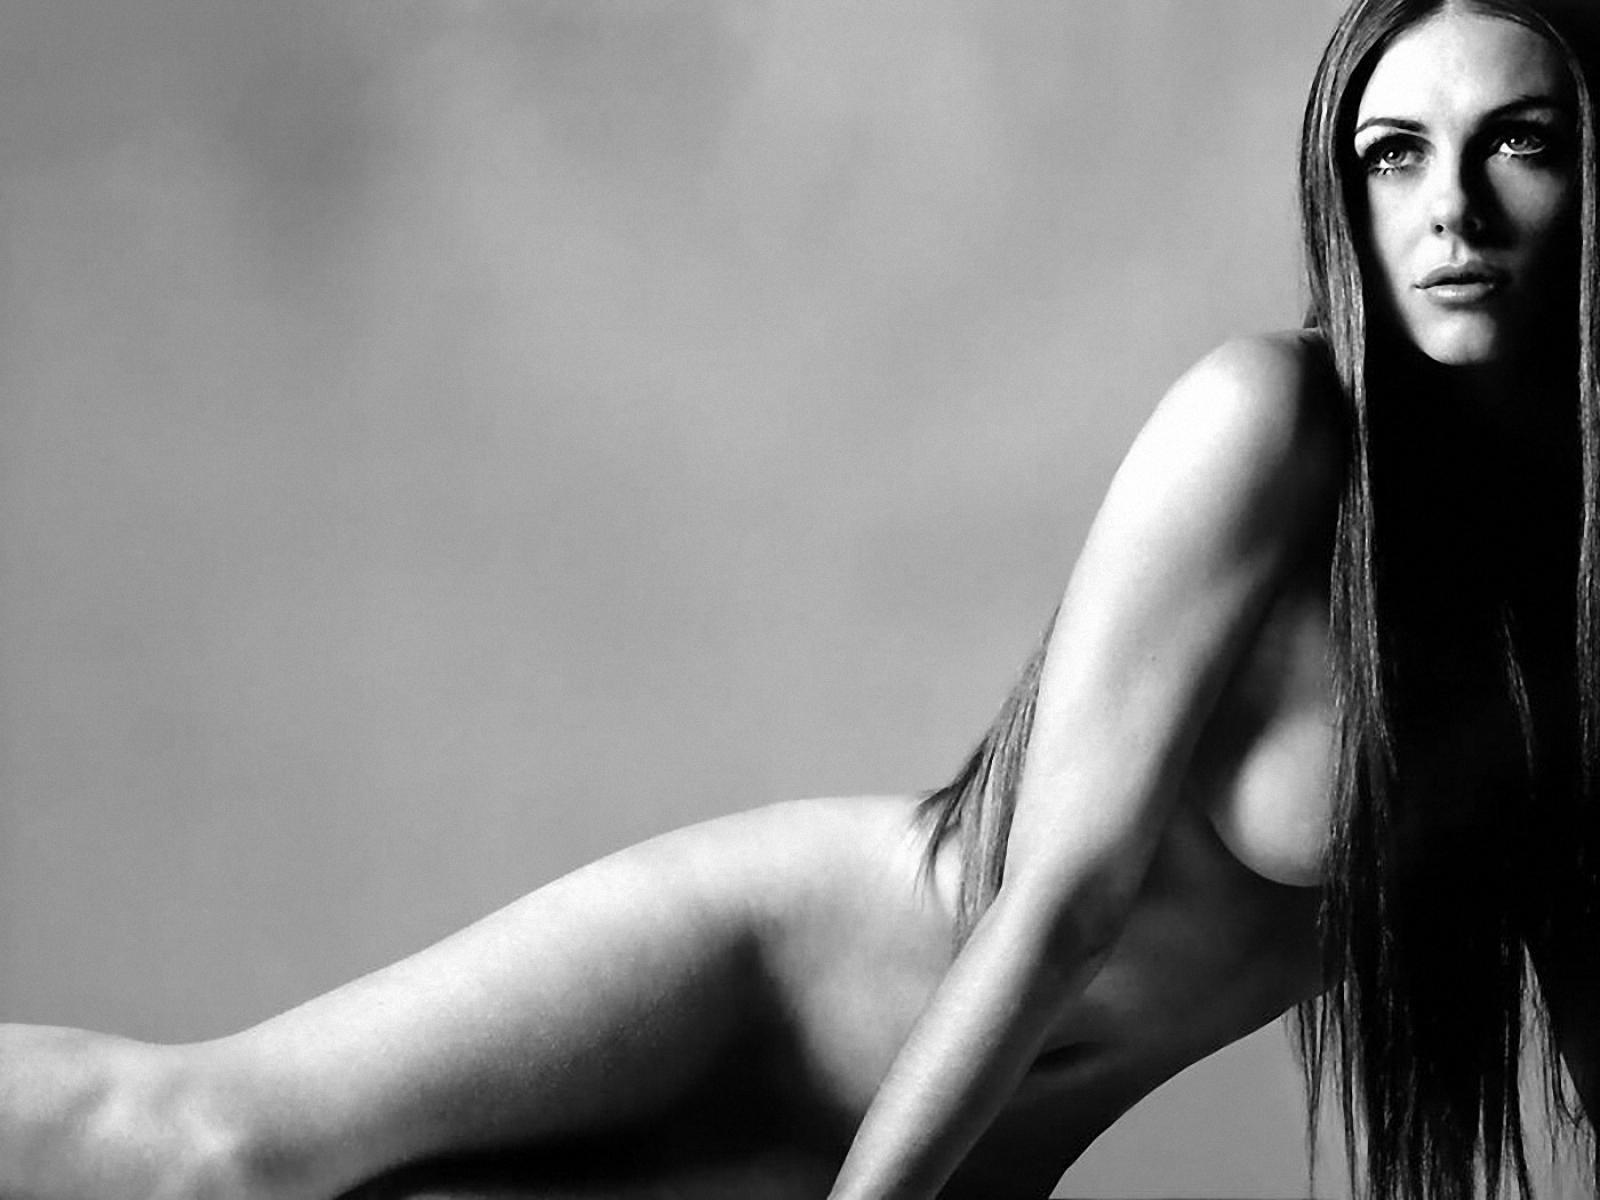 Смотреть онлайн бесплатно откровенные фото женщин 16 фотография